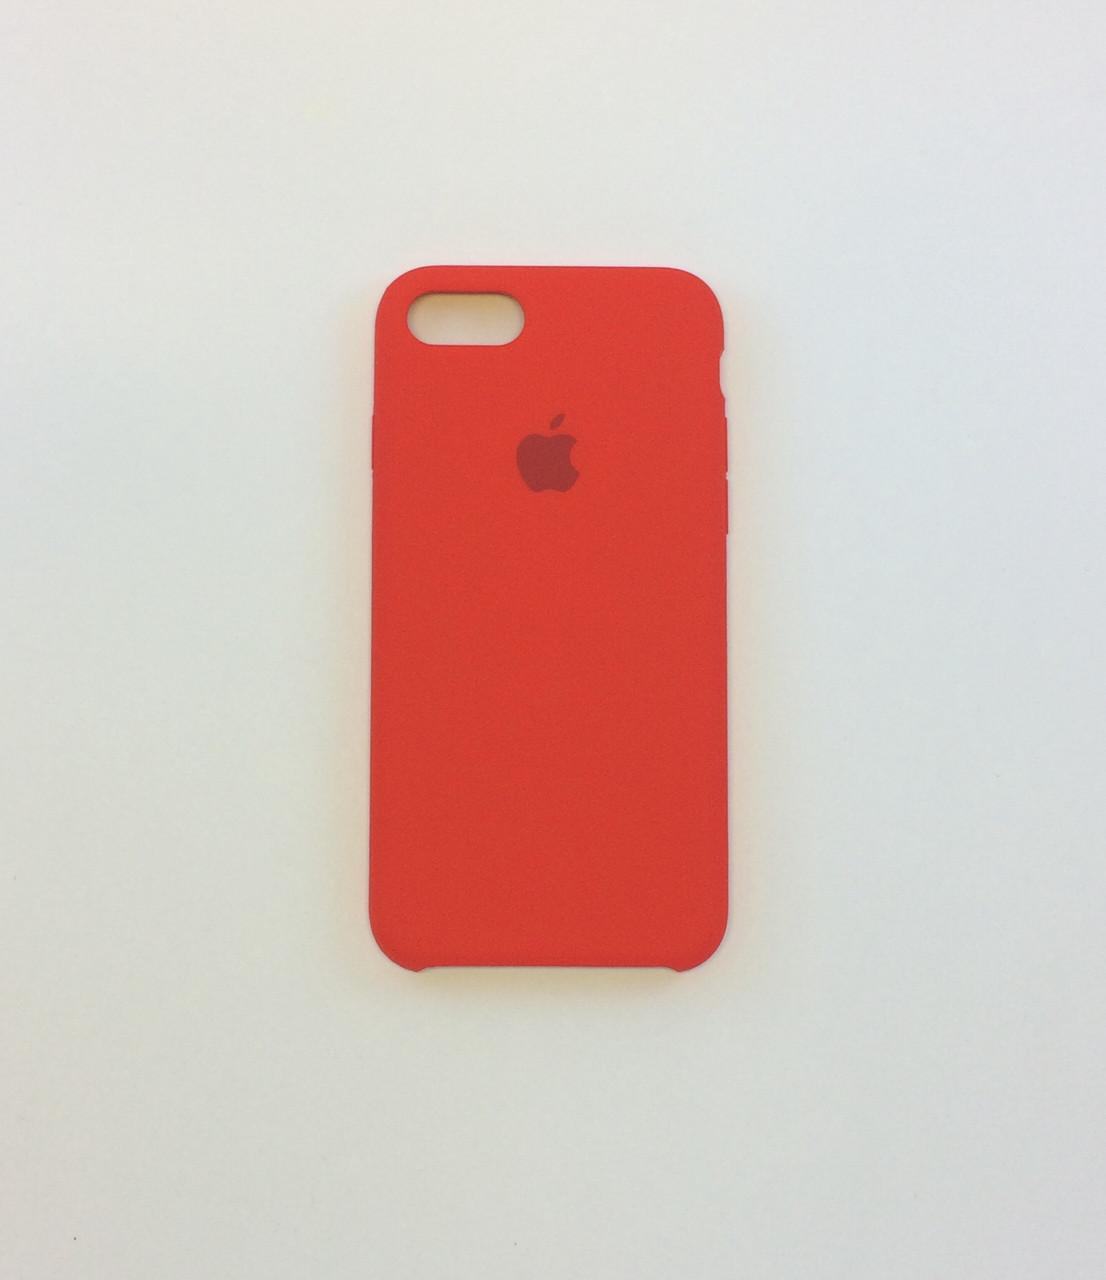 Силиконовый чехол iPhone 8, темно терракотовый, copy original